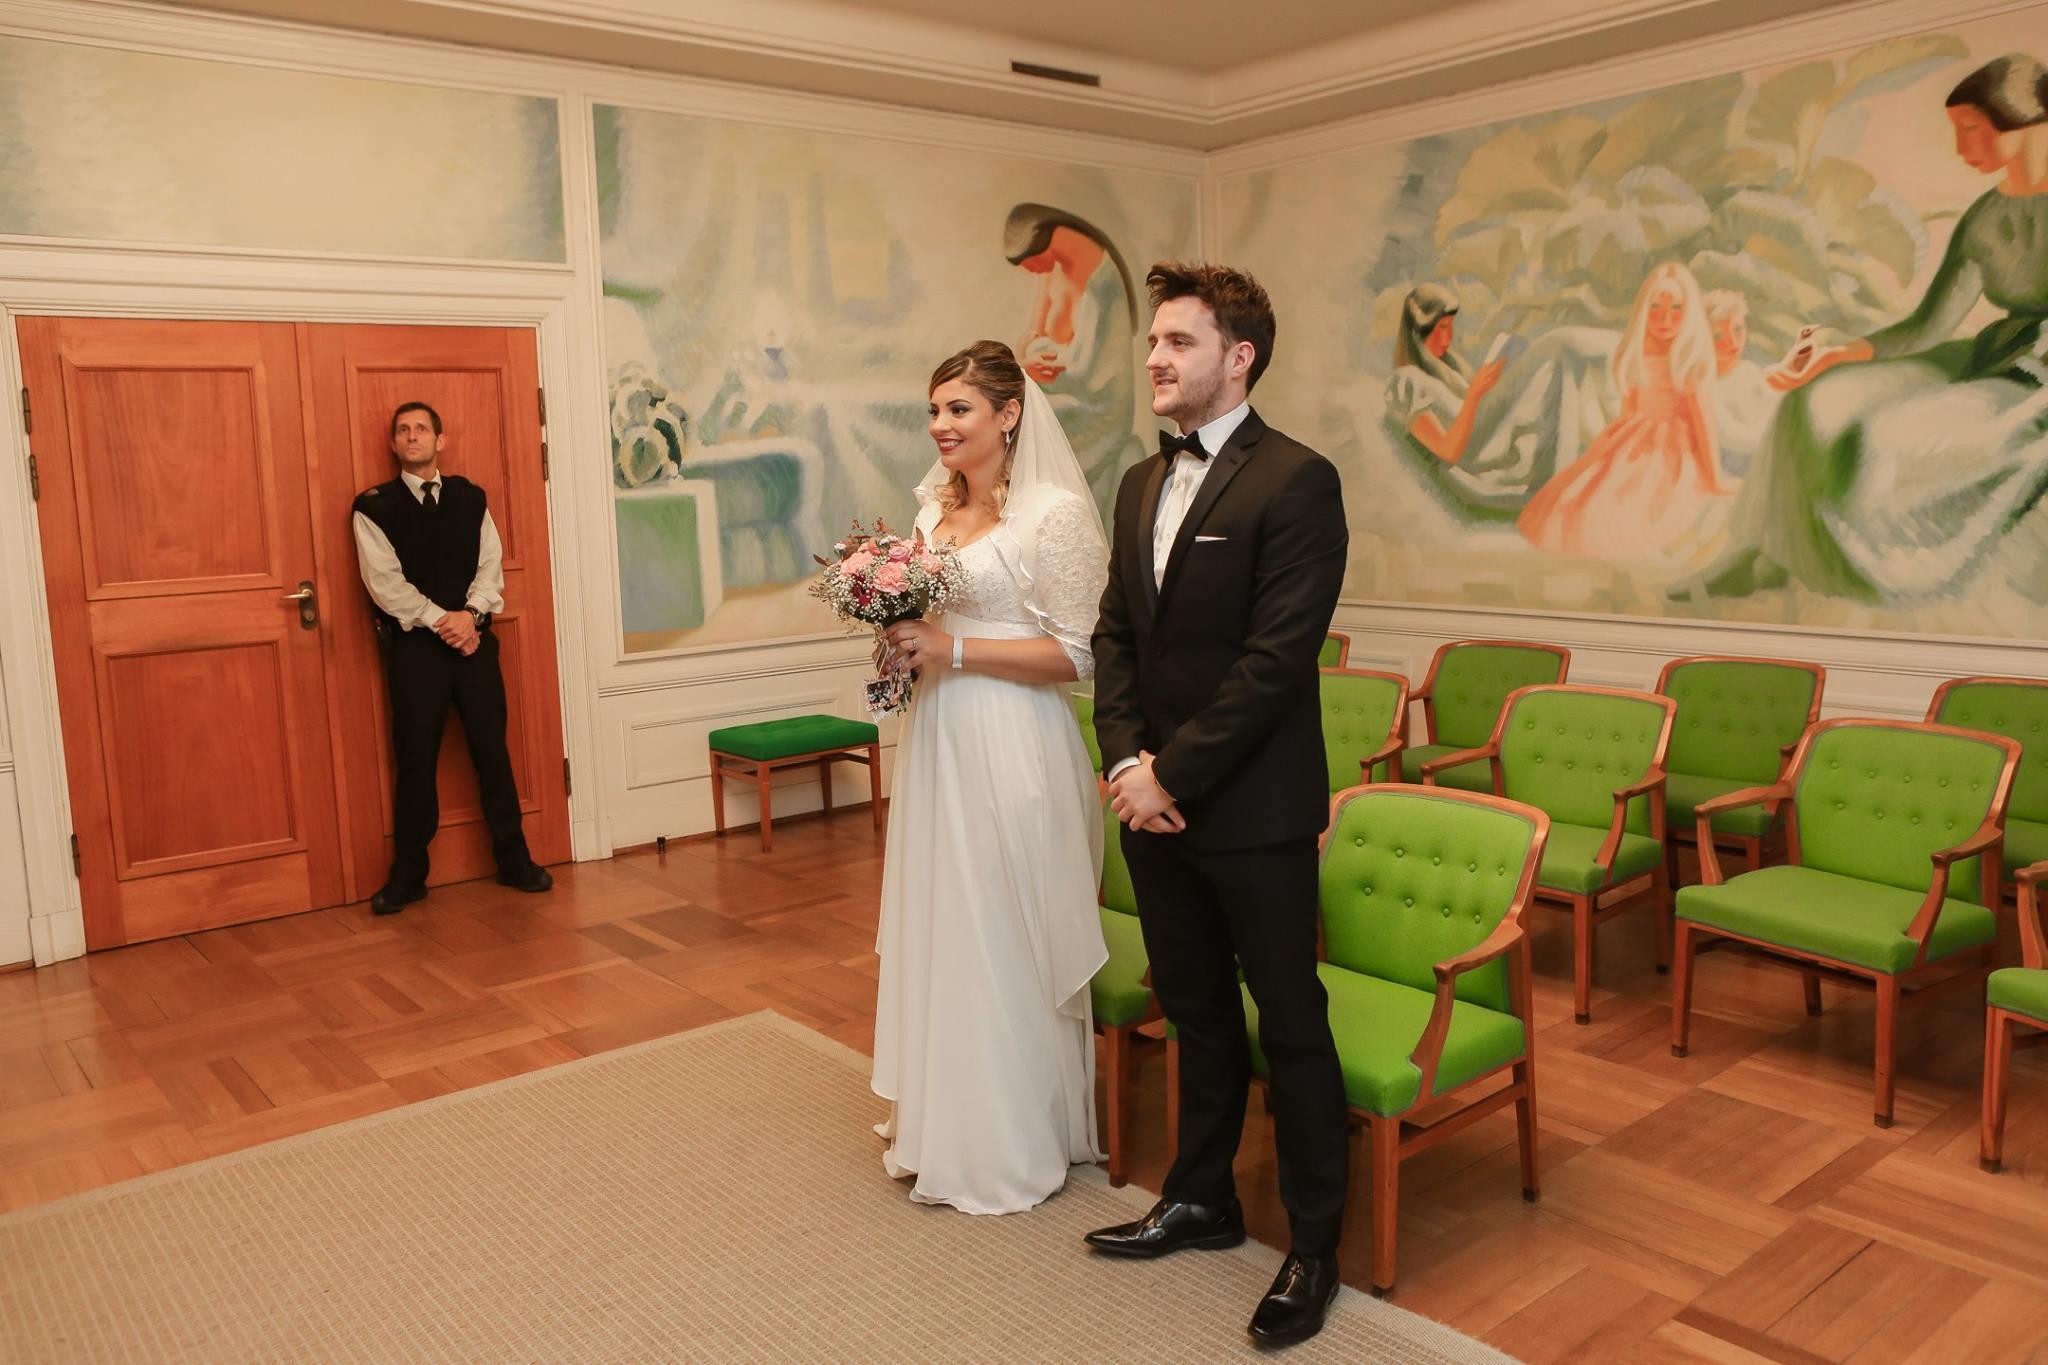 copenhagen-wedding-photograoher27